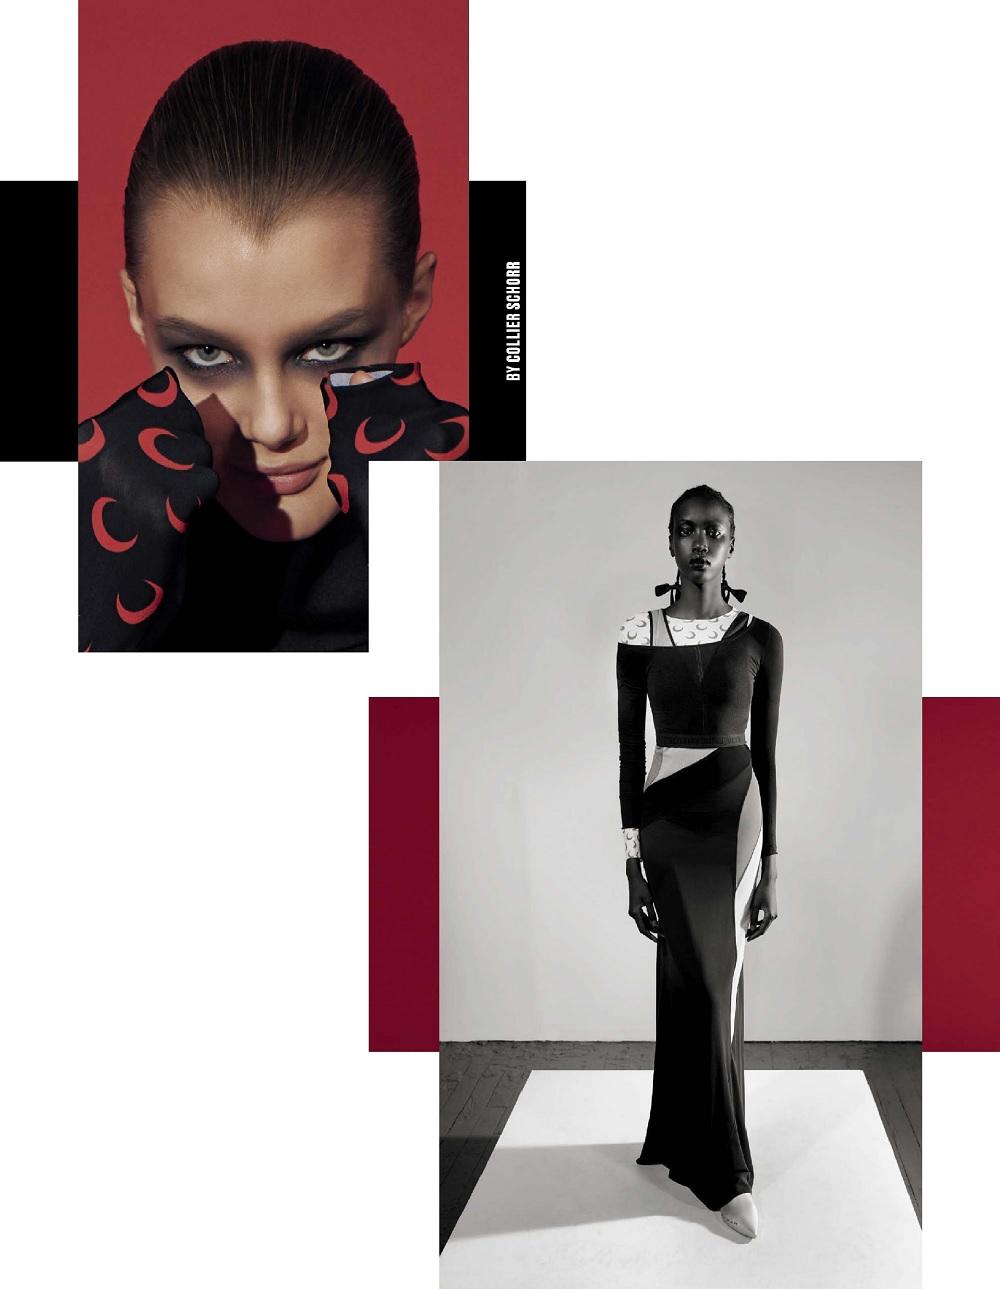 Kris Grikaite, Anok Yai by Collier Schorr Vogue Italy (12).jpg